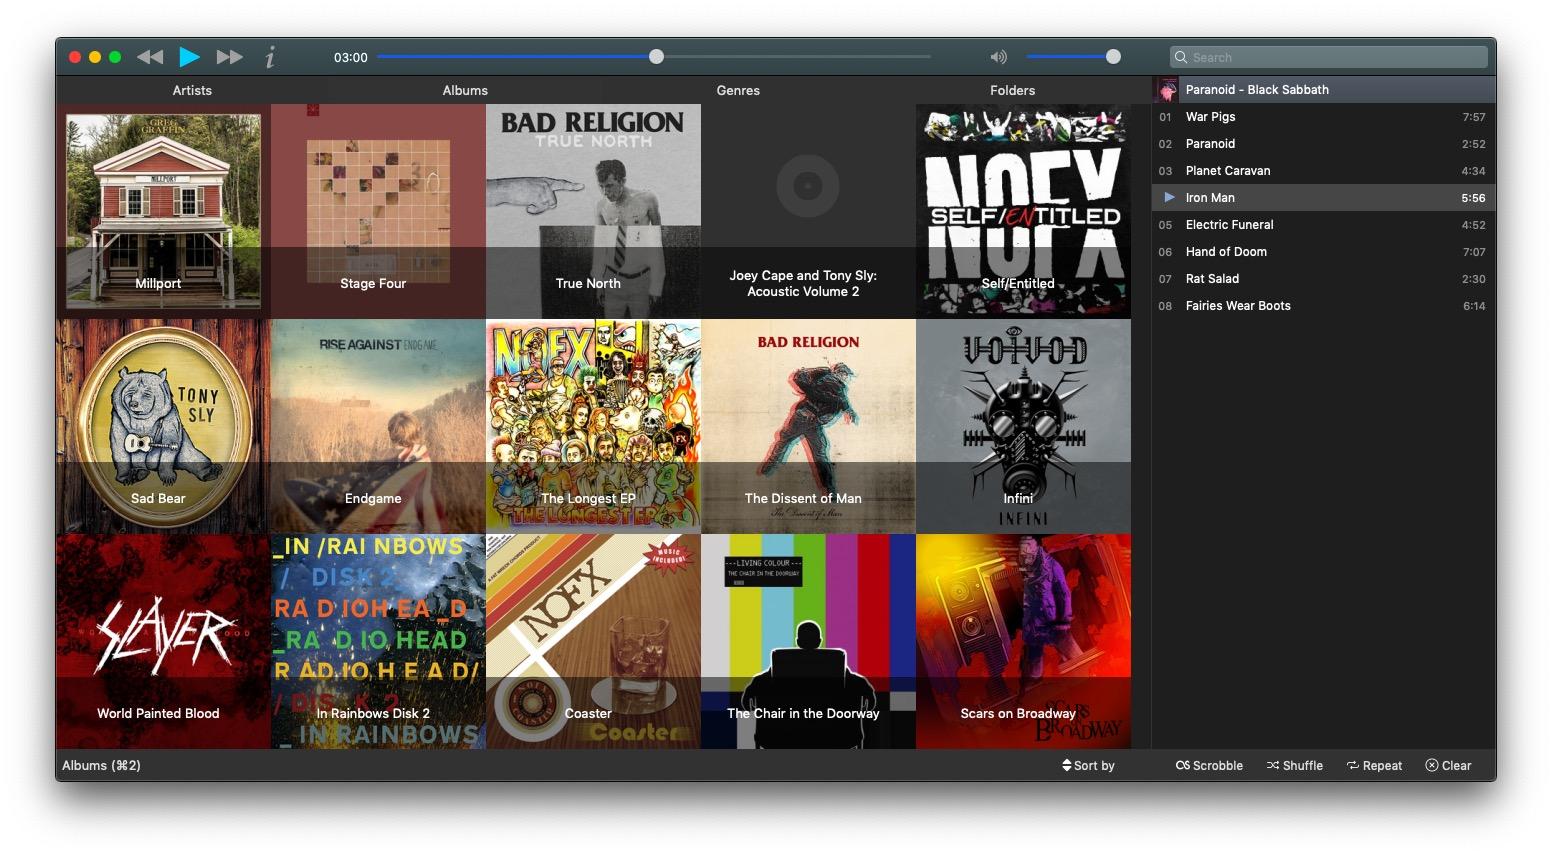 http://flavio.tordini.org/files/musique/musique-02.jpg